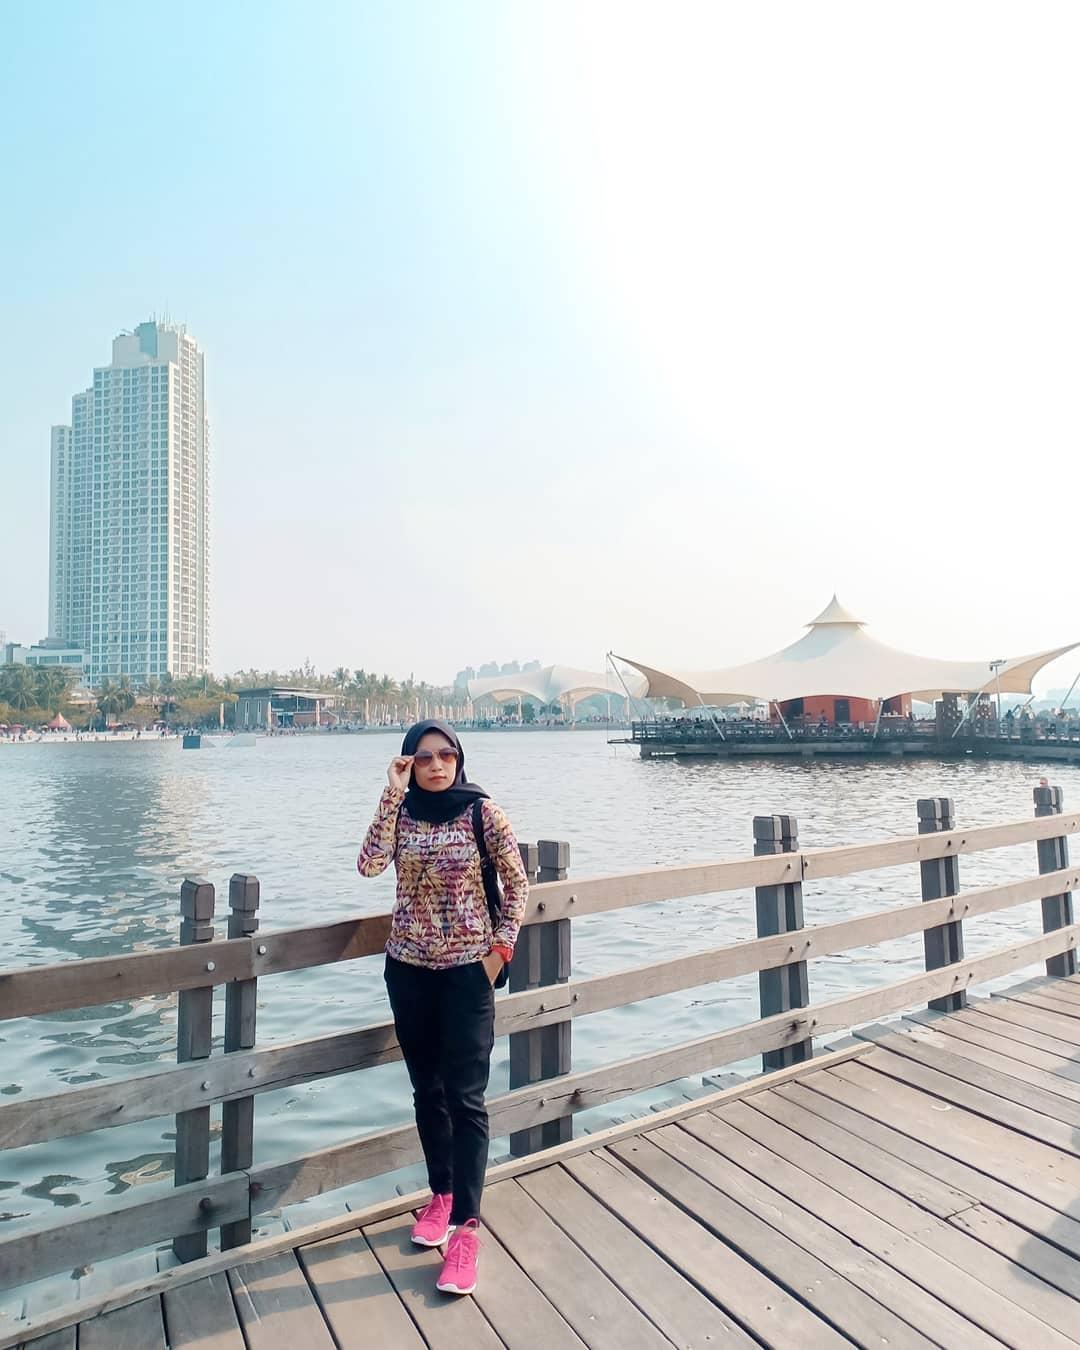 Menikmati Indahnya Pantai Ancol Jakarta Bersama Keluarga 1